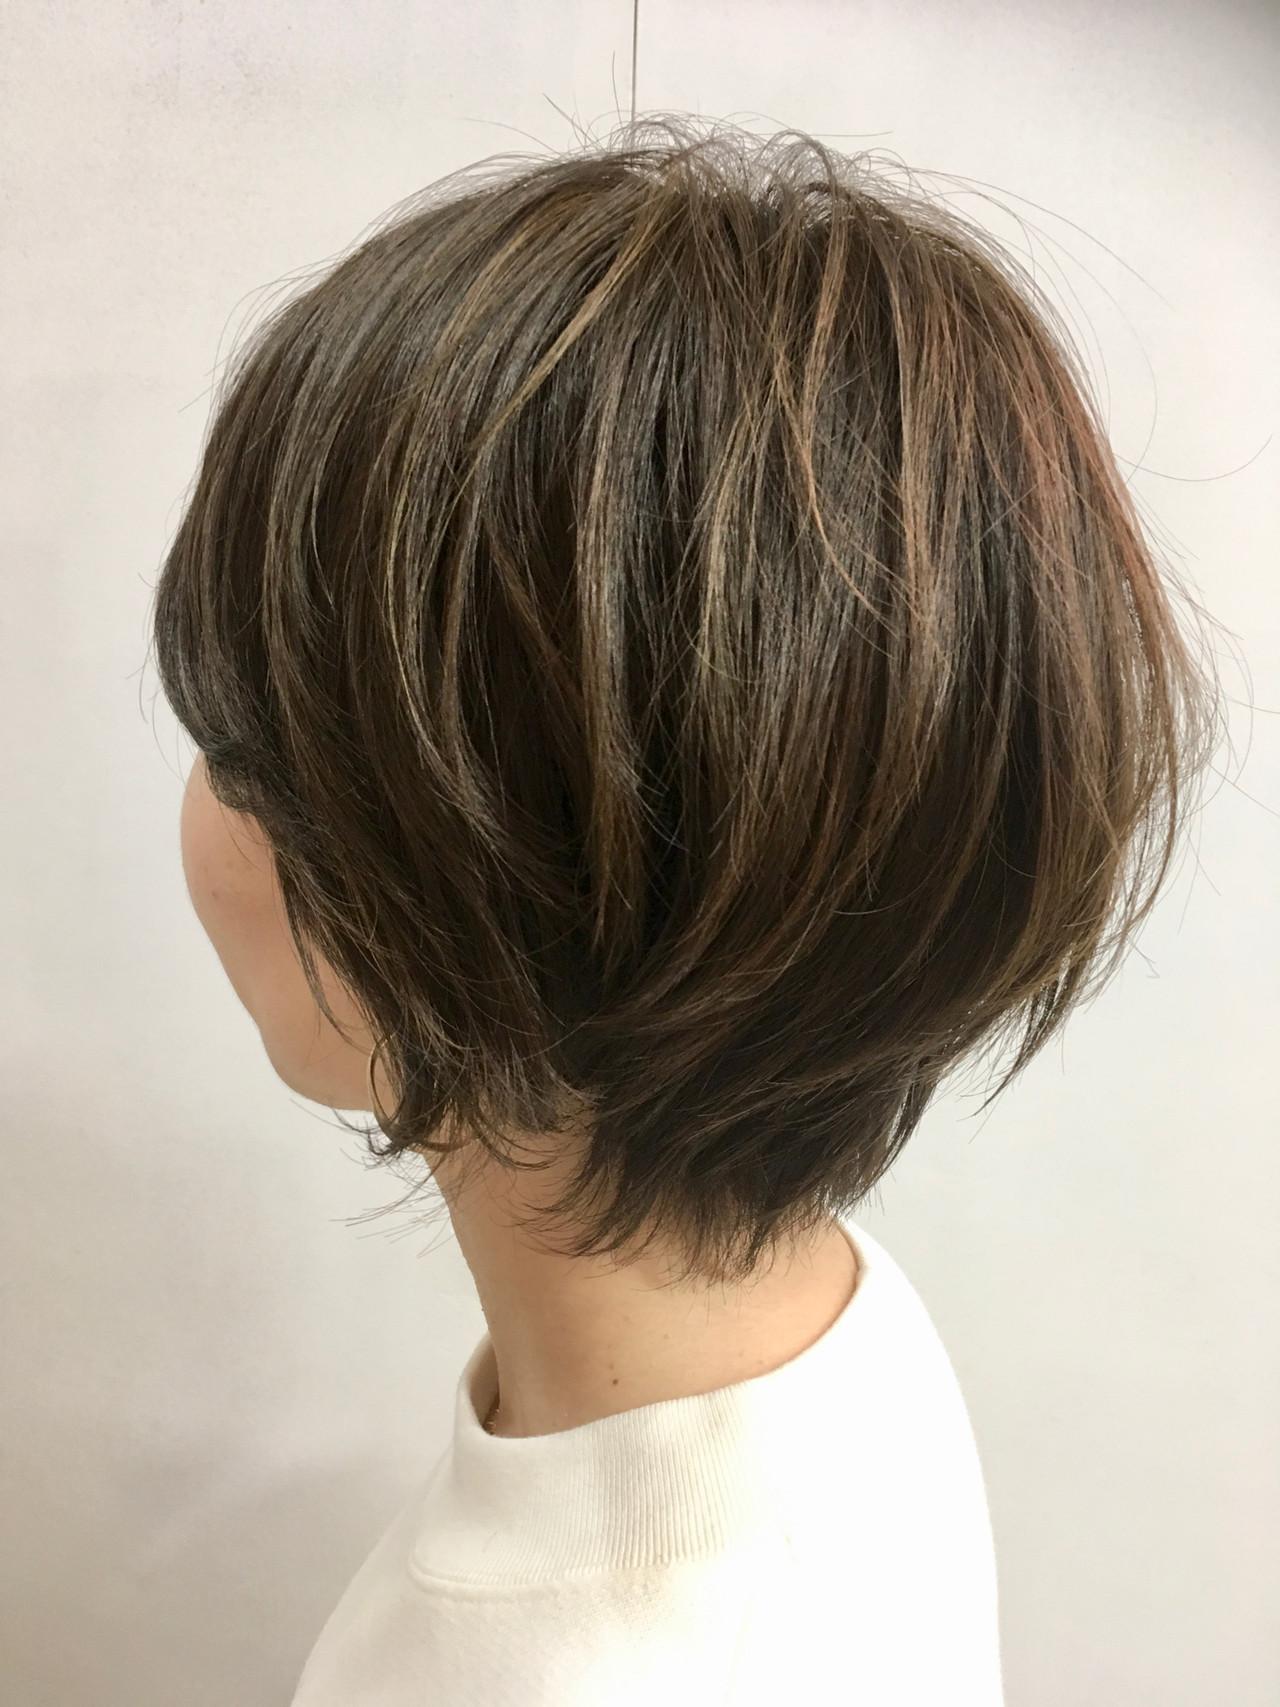 毛先パーマ ハイライト アッシュ ナチュラル ヘアスタイルや髪型の写真・画像 | Chie Ogusu / Hair and Make Chie Ogusu